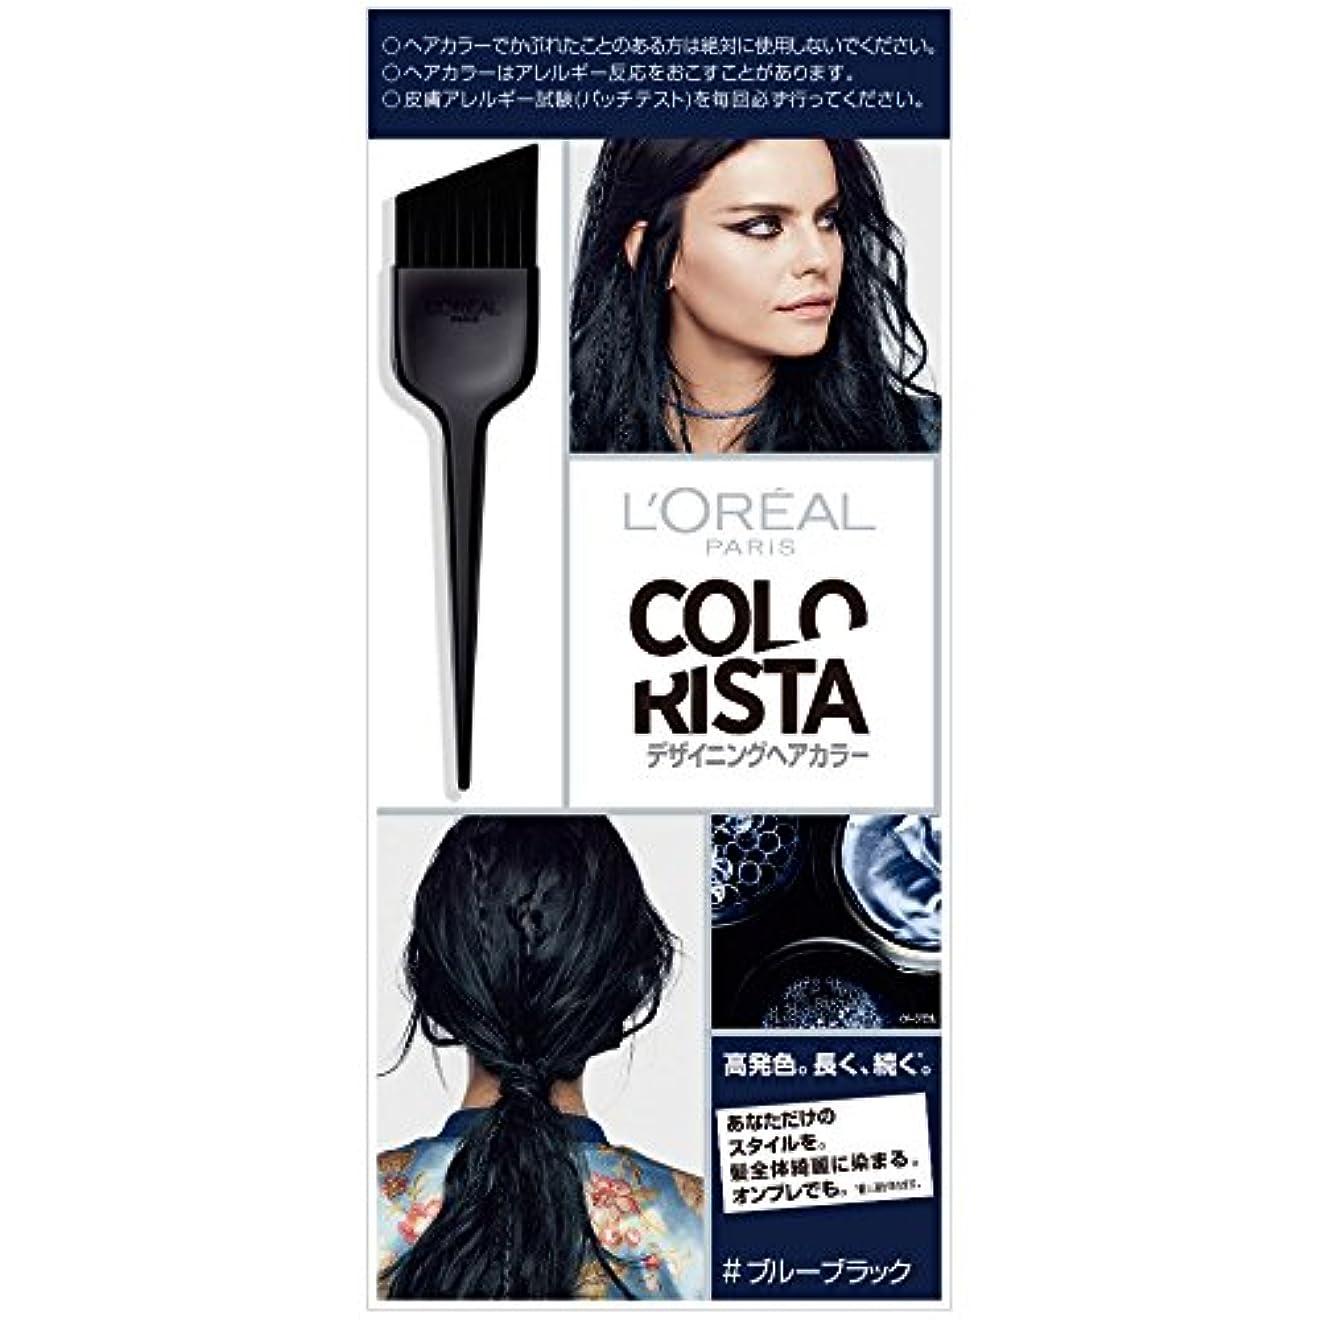 密接に完了市民権ロレアル パリ カラーリスタ デザイニングヘアカラー ブルーブラック